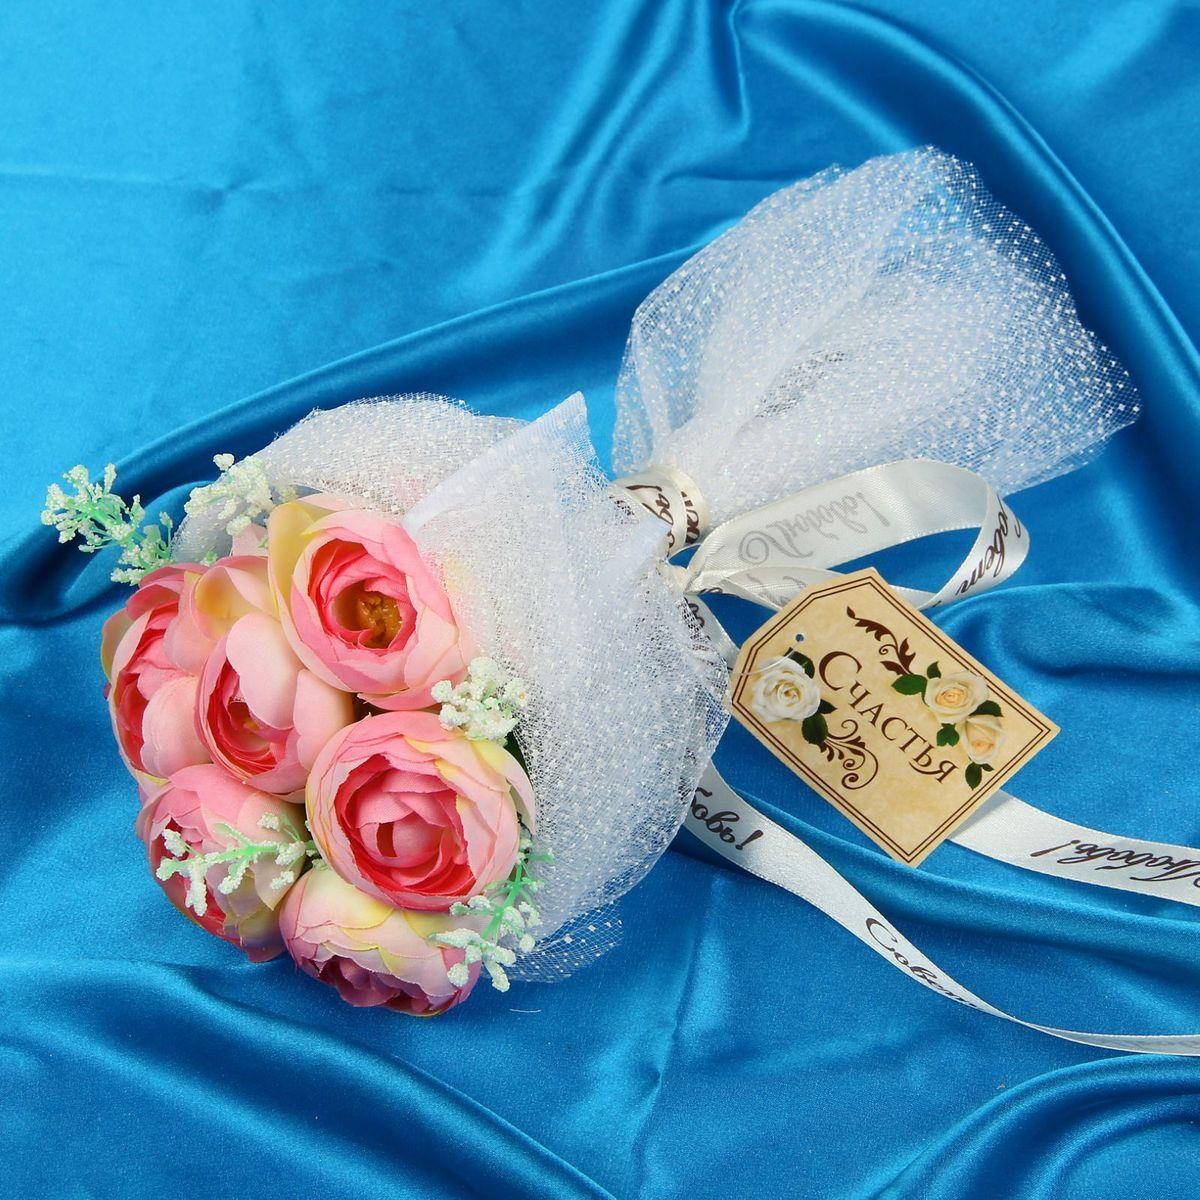 Букет-дублер Sima-land Романтик, цвет: белый, розовый1212625Свадьба - одно из главных событий в жизни человека. В такой день всё должно быть безупречно, особенно букет невесты. Но кидать, по старой традиции, цветочную композицию подругам не всегда удобно, и на помощь приходит букет-дублер Романтик с чайными розами - красивый и яркий аксессуар. Стебли оформлены лентой с надписью Совет да любовь. Букет дополнен шильдом с тёплым пожеланием. После торжества он украсит любой интерьер, ведь нежные цветы из текстиля не завянут и не помнутся.